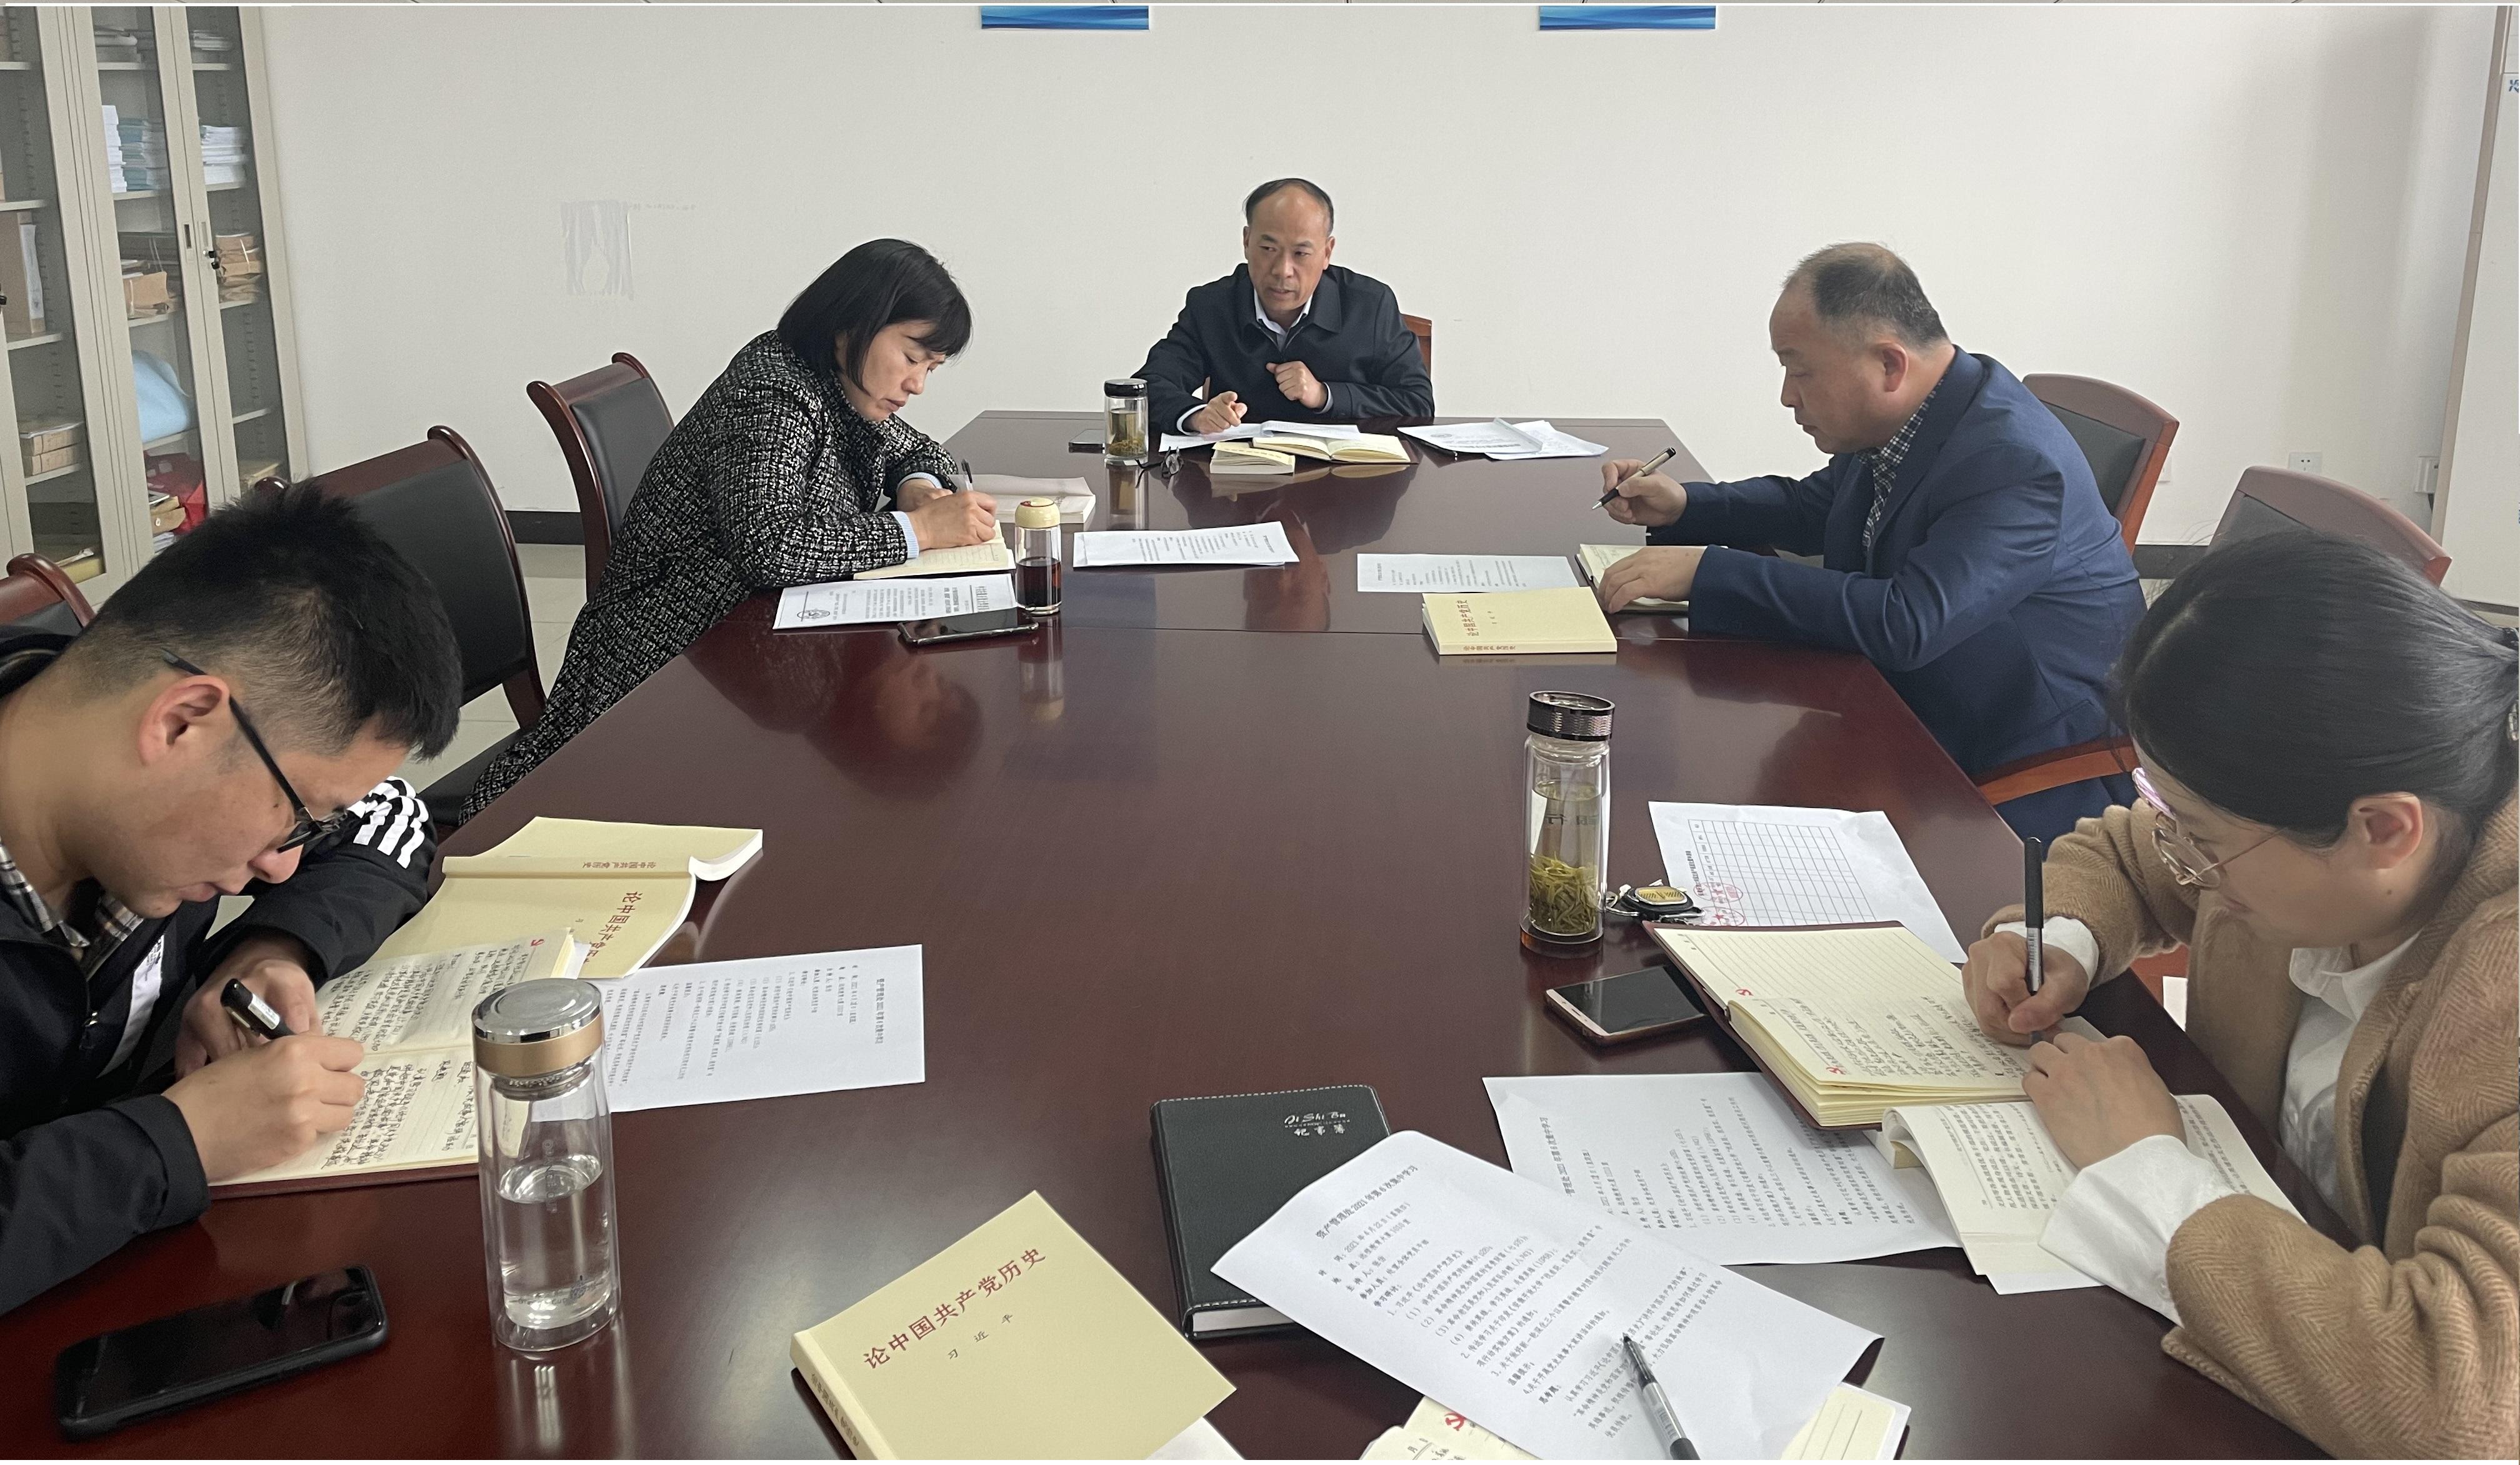 资产管理处深入学习研讨《论中国共产党历史》重要篇目